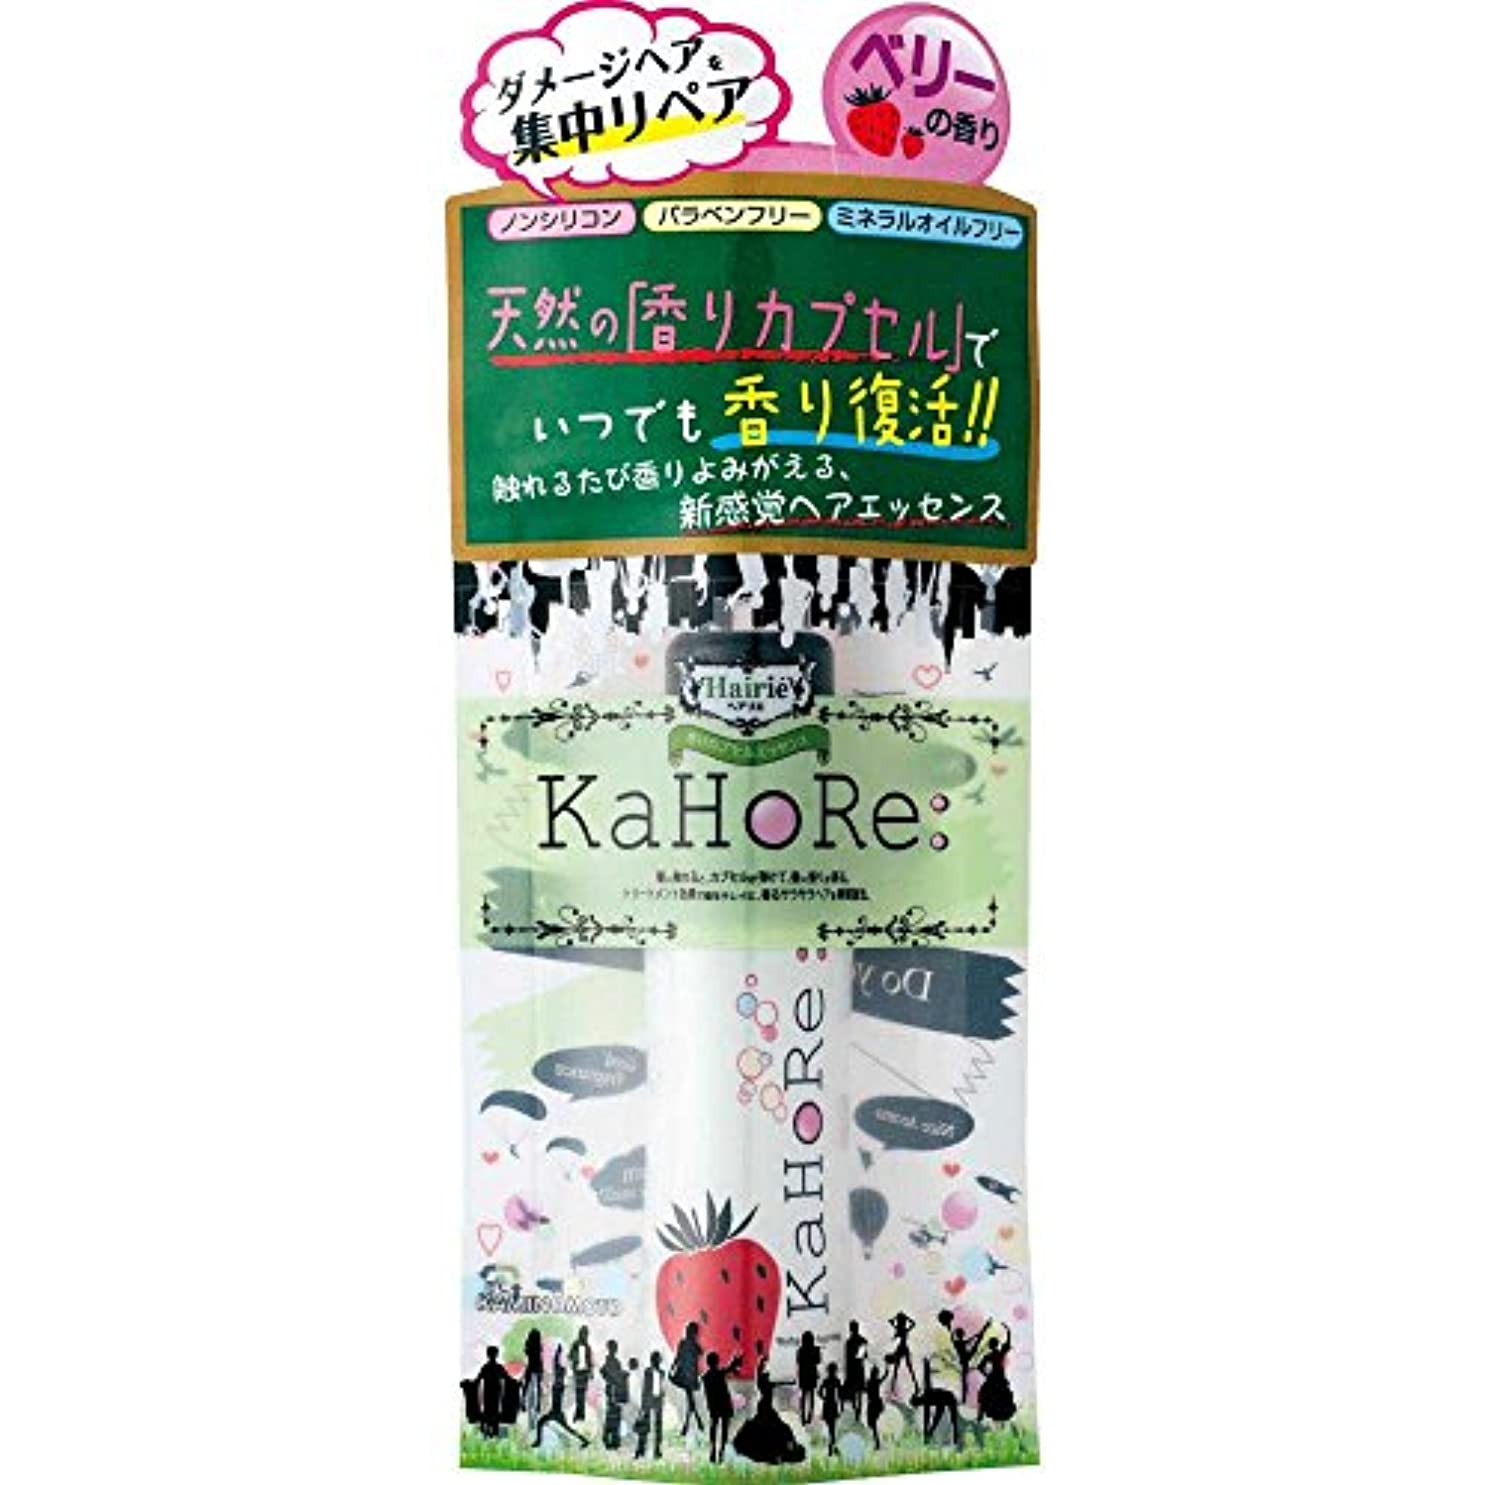 ハブ社会学王朝ヘアリエ KaHoRe ヘアエッセンス ミックスベリーの香り 30g